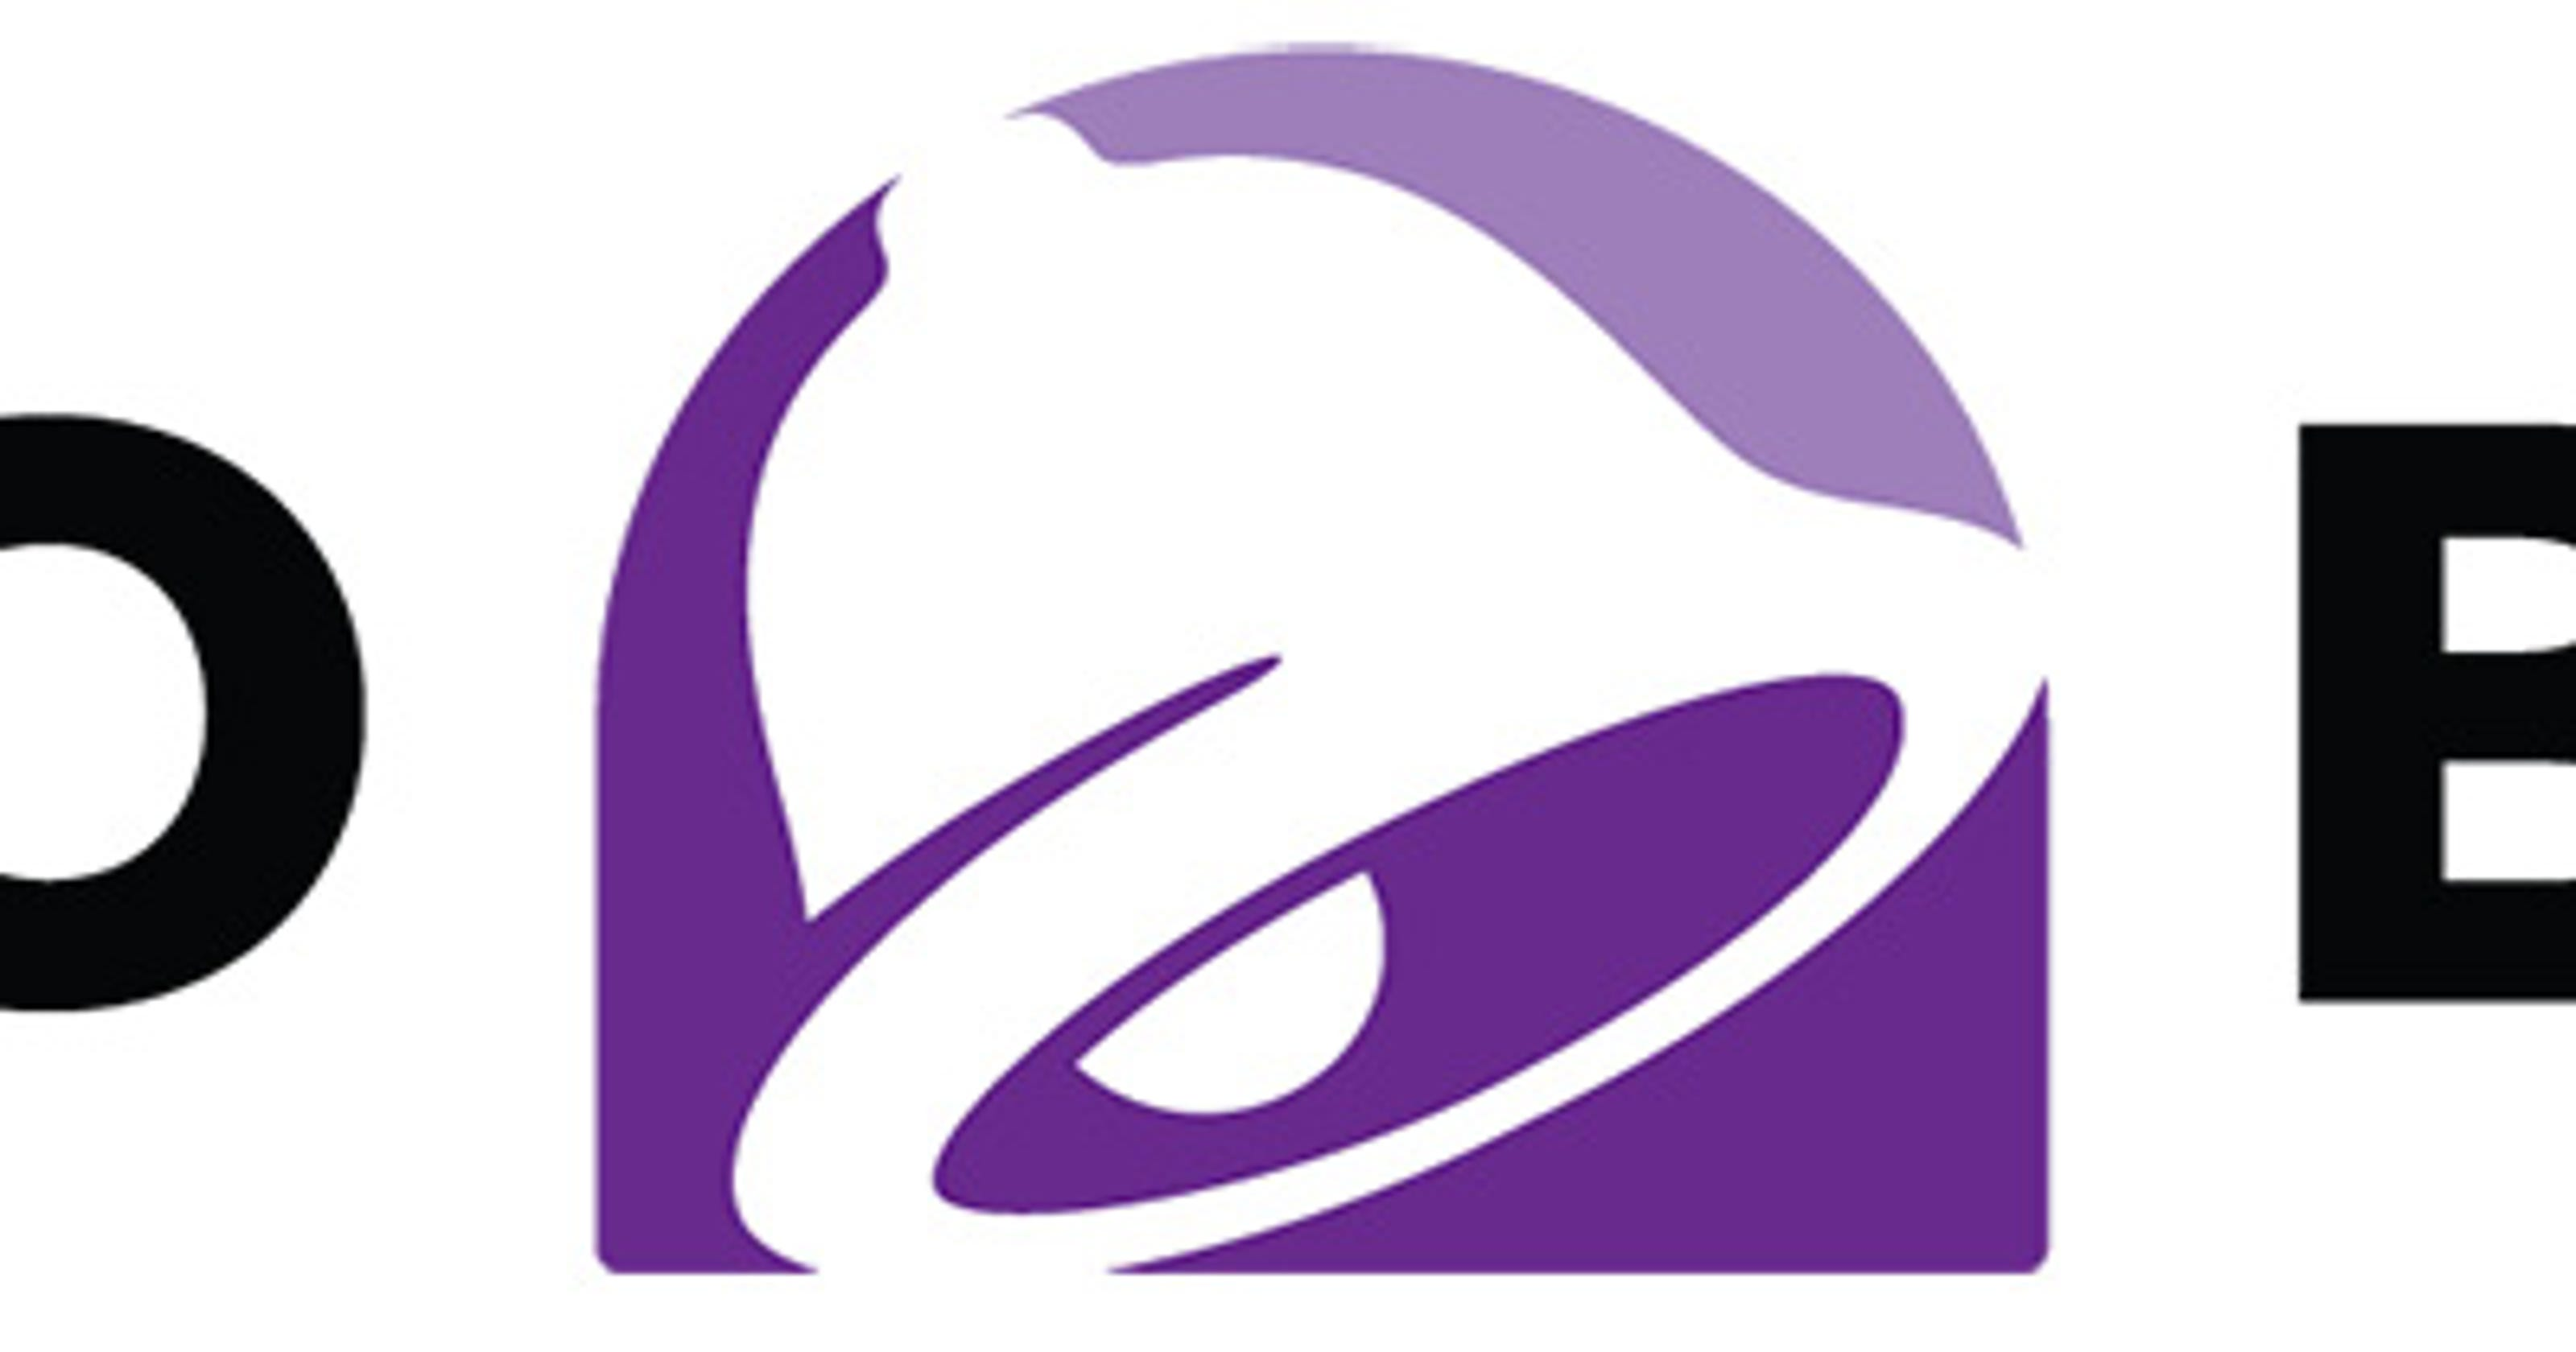 Taco Bell Cantina Royal Oak: Liquor vote postponed until April